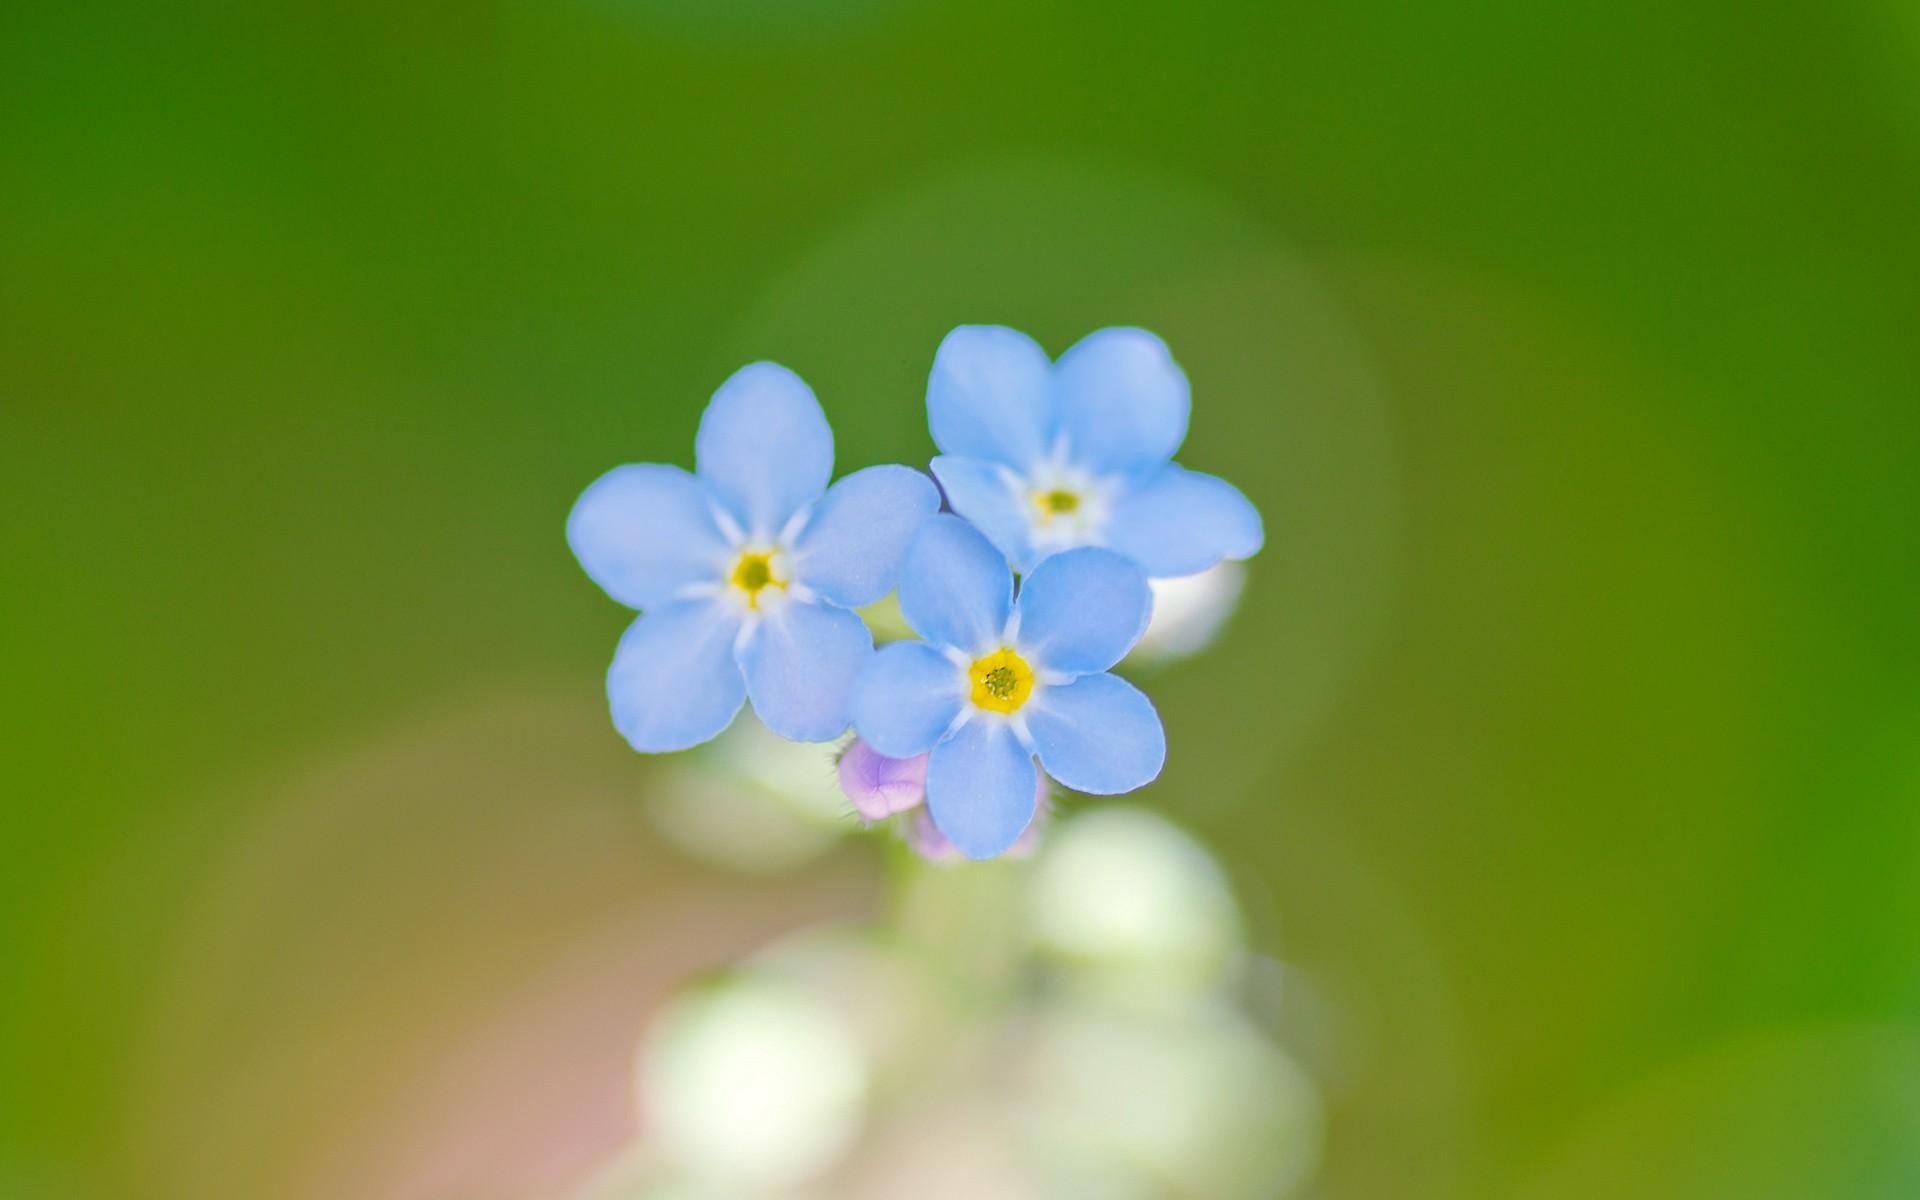 Flores azules en macro - 1920x1200